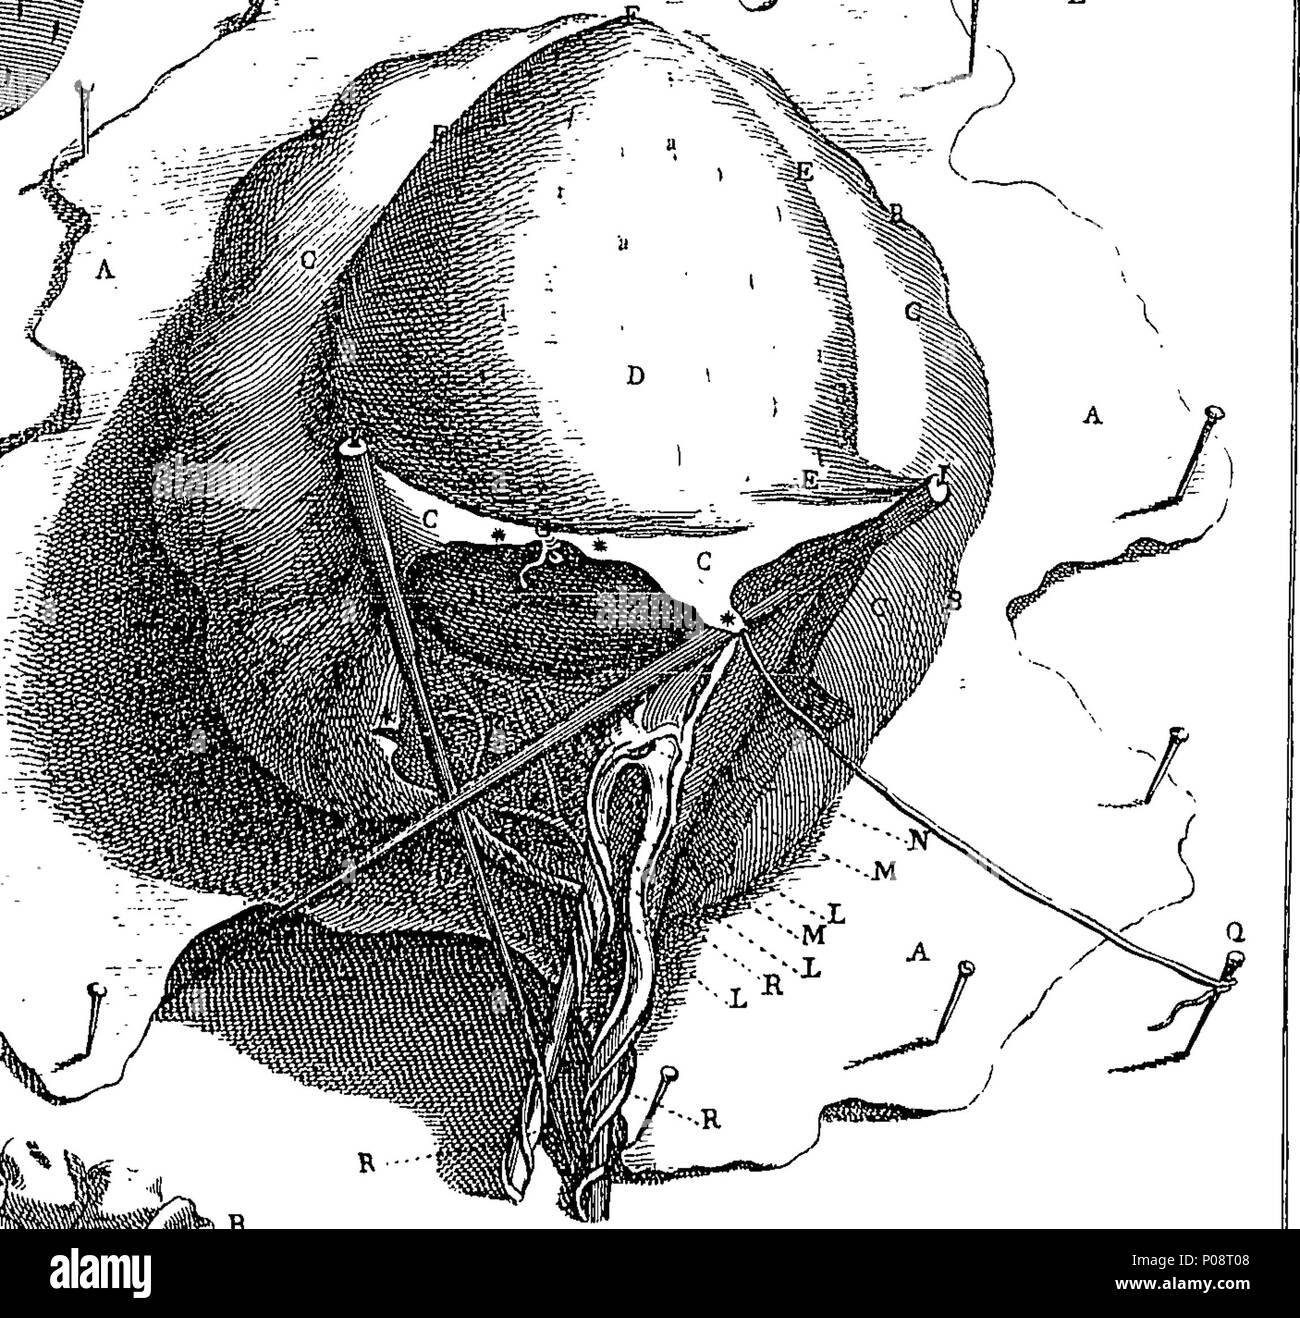 Tolle Medizinischer Anatomie Wörterbuch Bilder - Anatomie Und ...